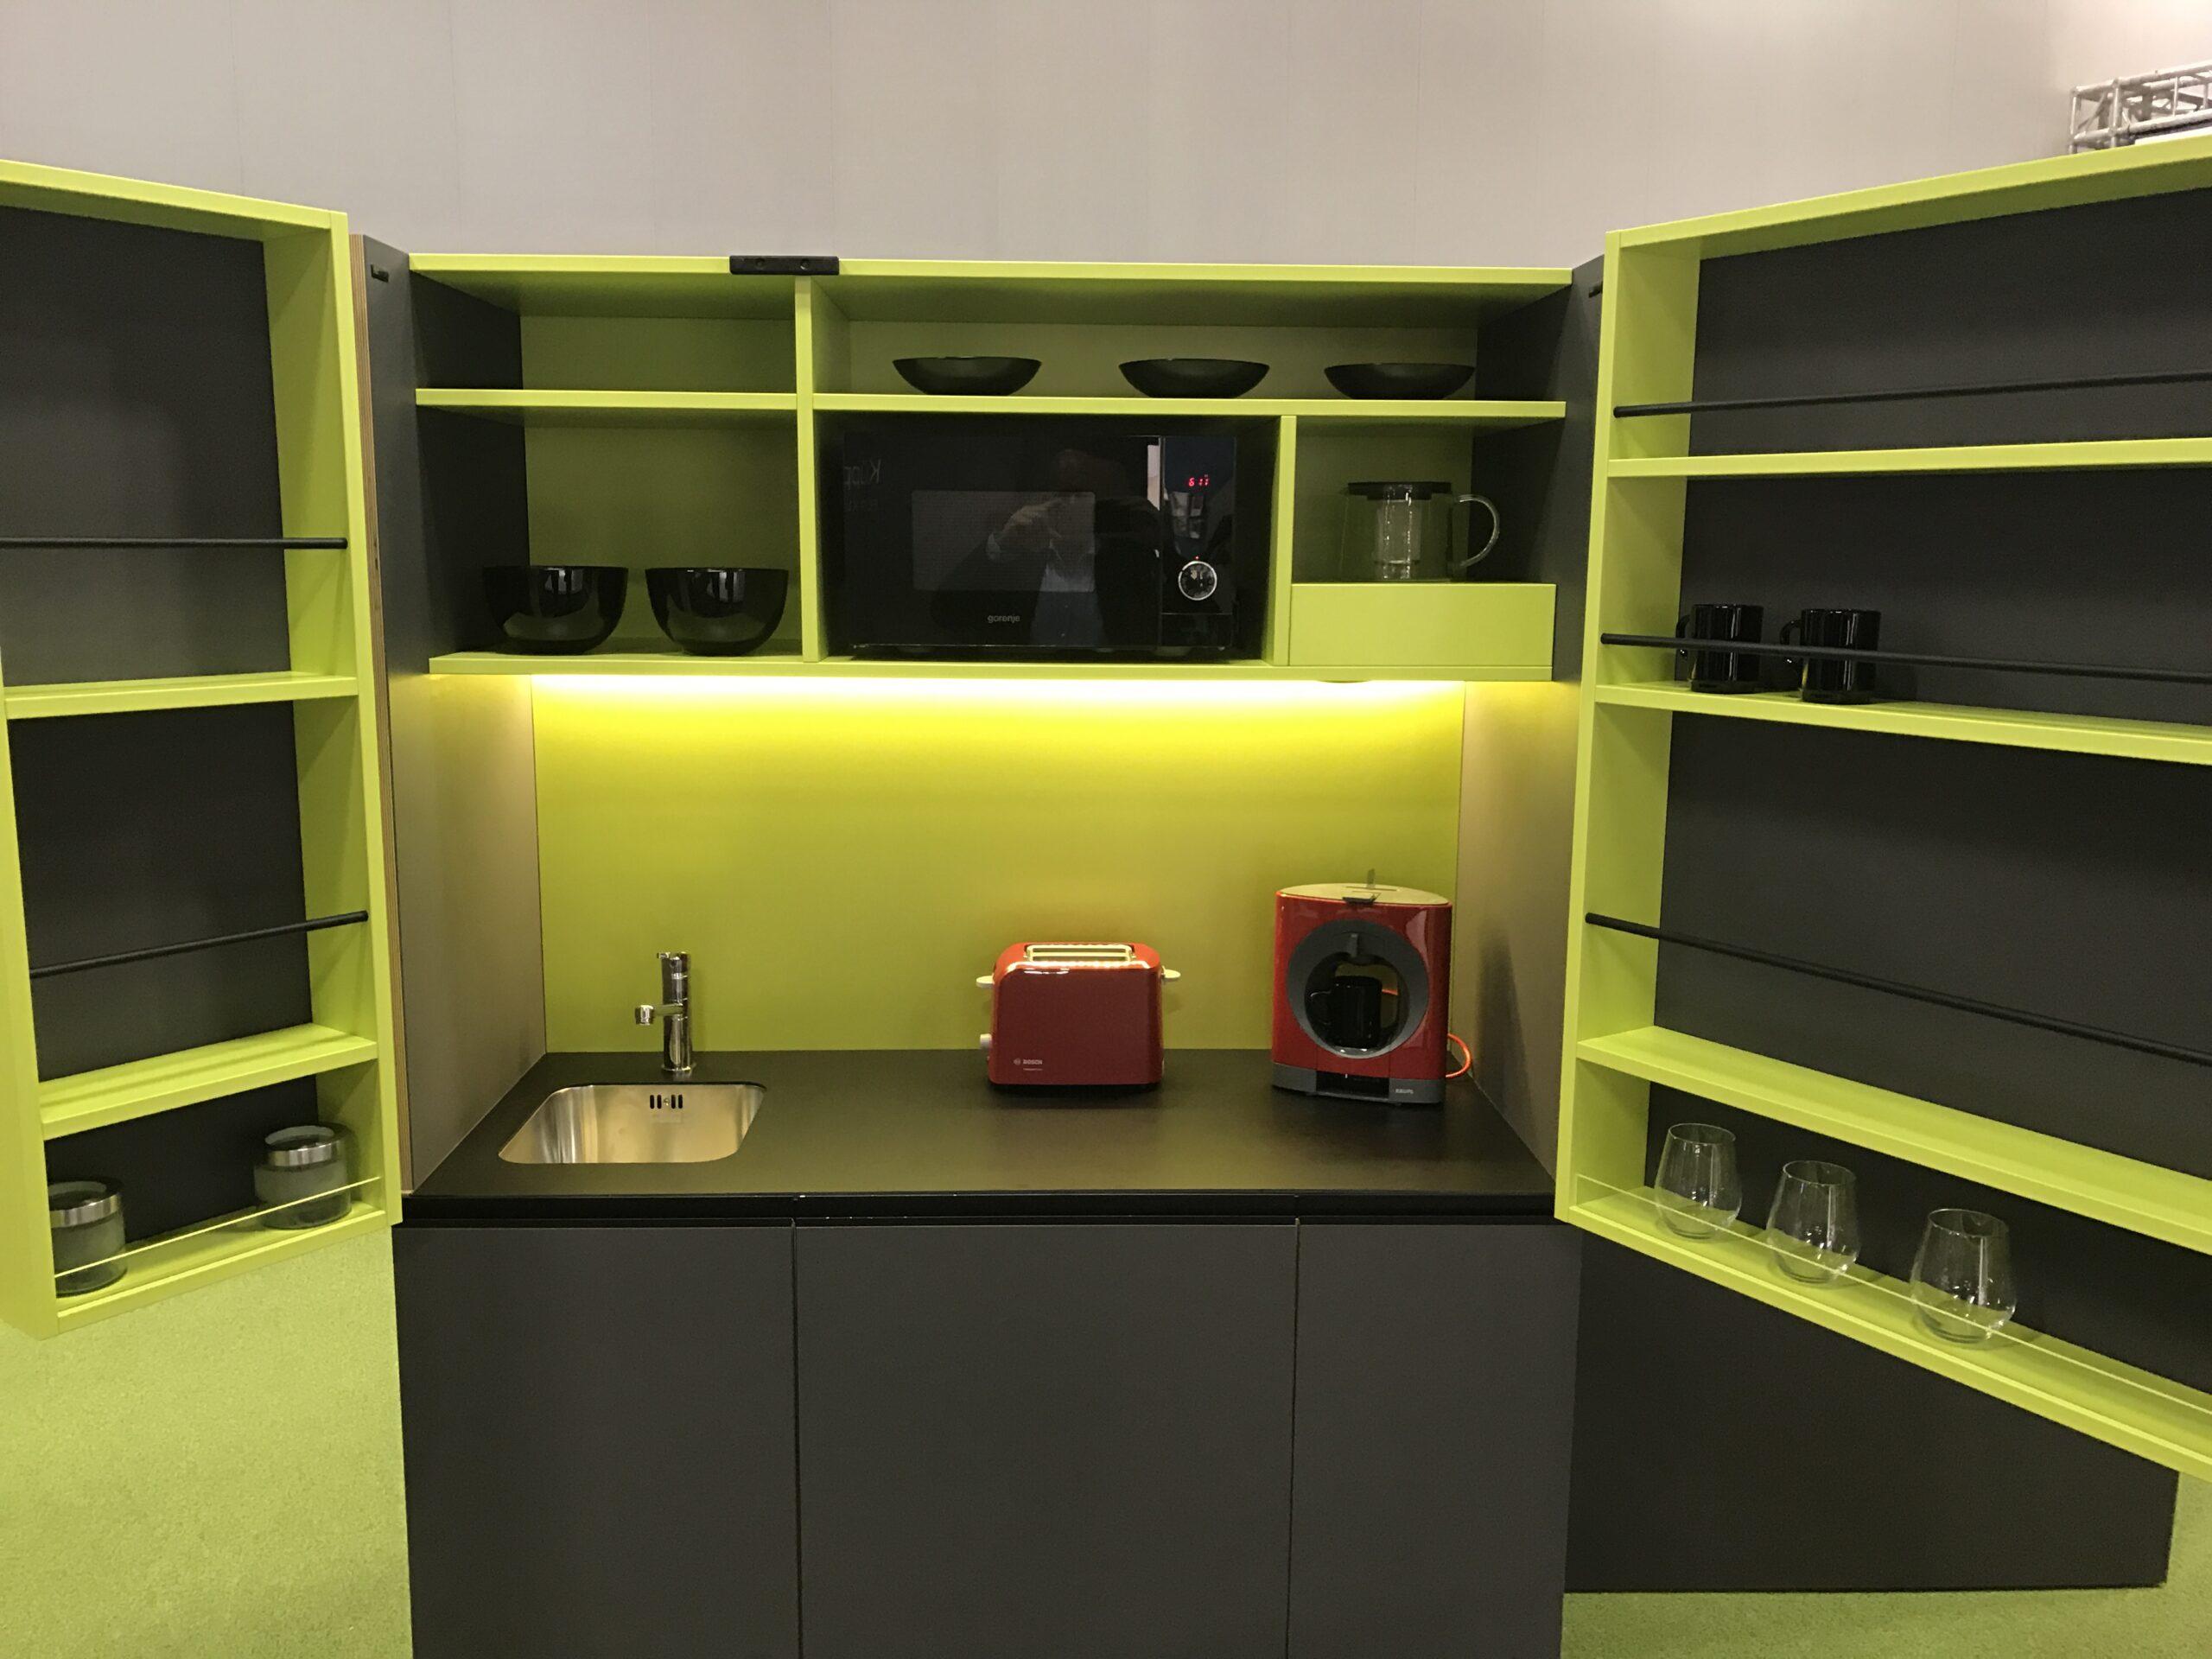 Full Size of Modulküche Ikea Küche Kaufen Singleküche Mit E Geräten Kosten Miniküche Kühlschrank Stengel Betten Bei Sofa Schlaffunktion 160x200 Wohnzimmer Singleküche Ikea Miniküche